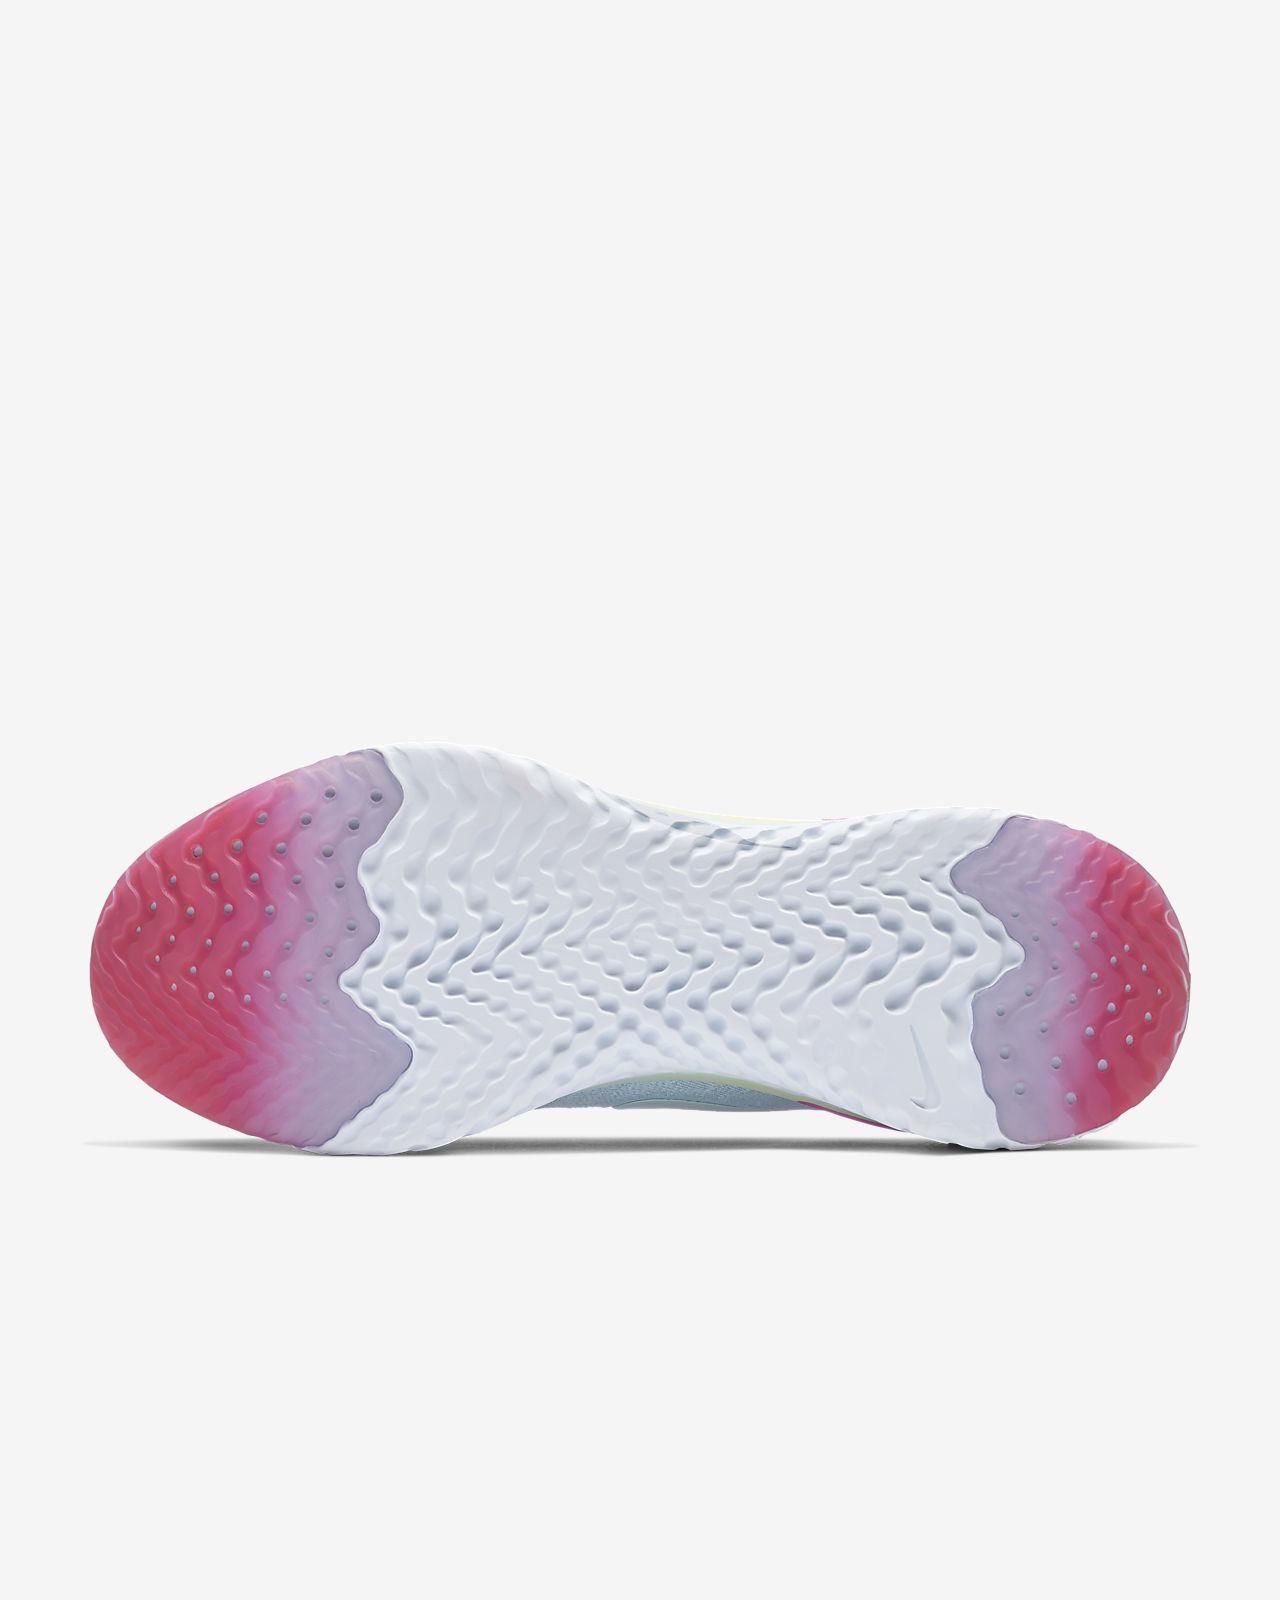 8b2b27543bf Nike Epic React Flyknit 2 Women s Running Shoe. Nike.com SG